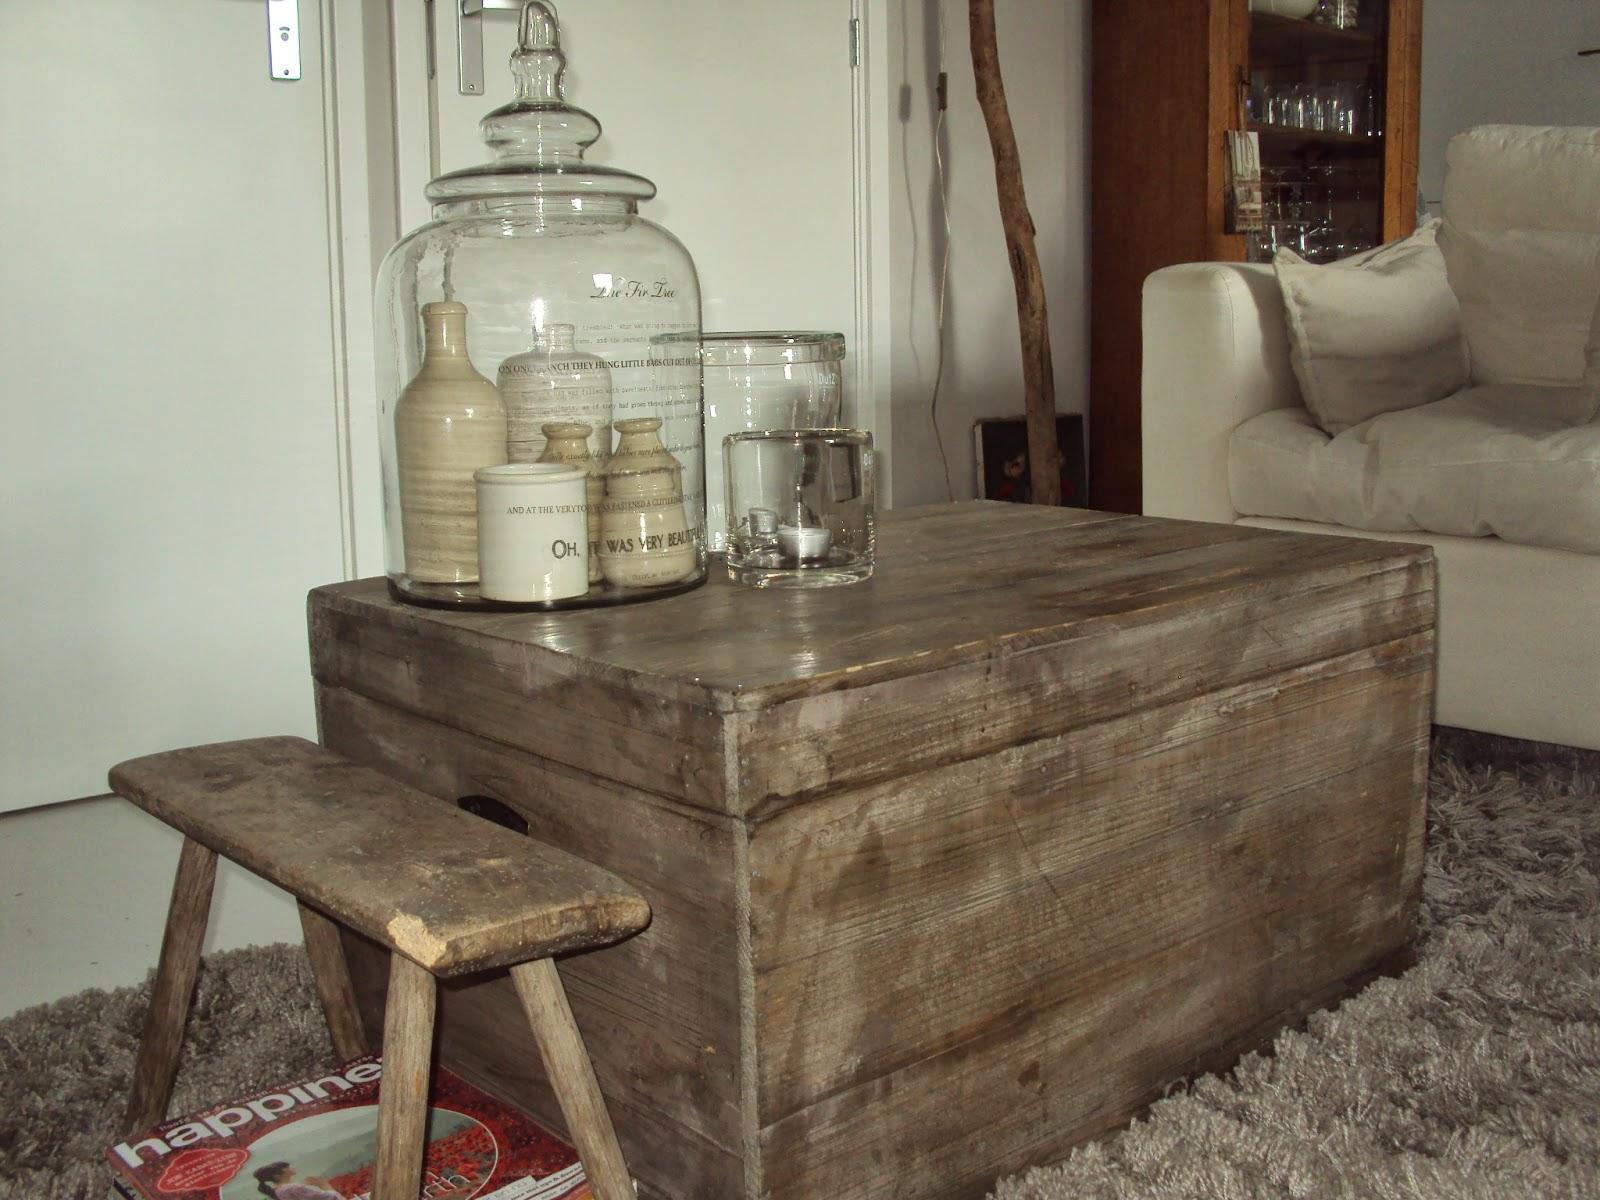 Oude Slaapkamer Lampen : Het melkkrukje en de oude potjes in de glazen ...